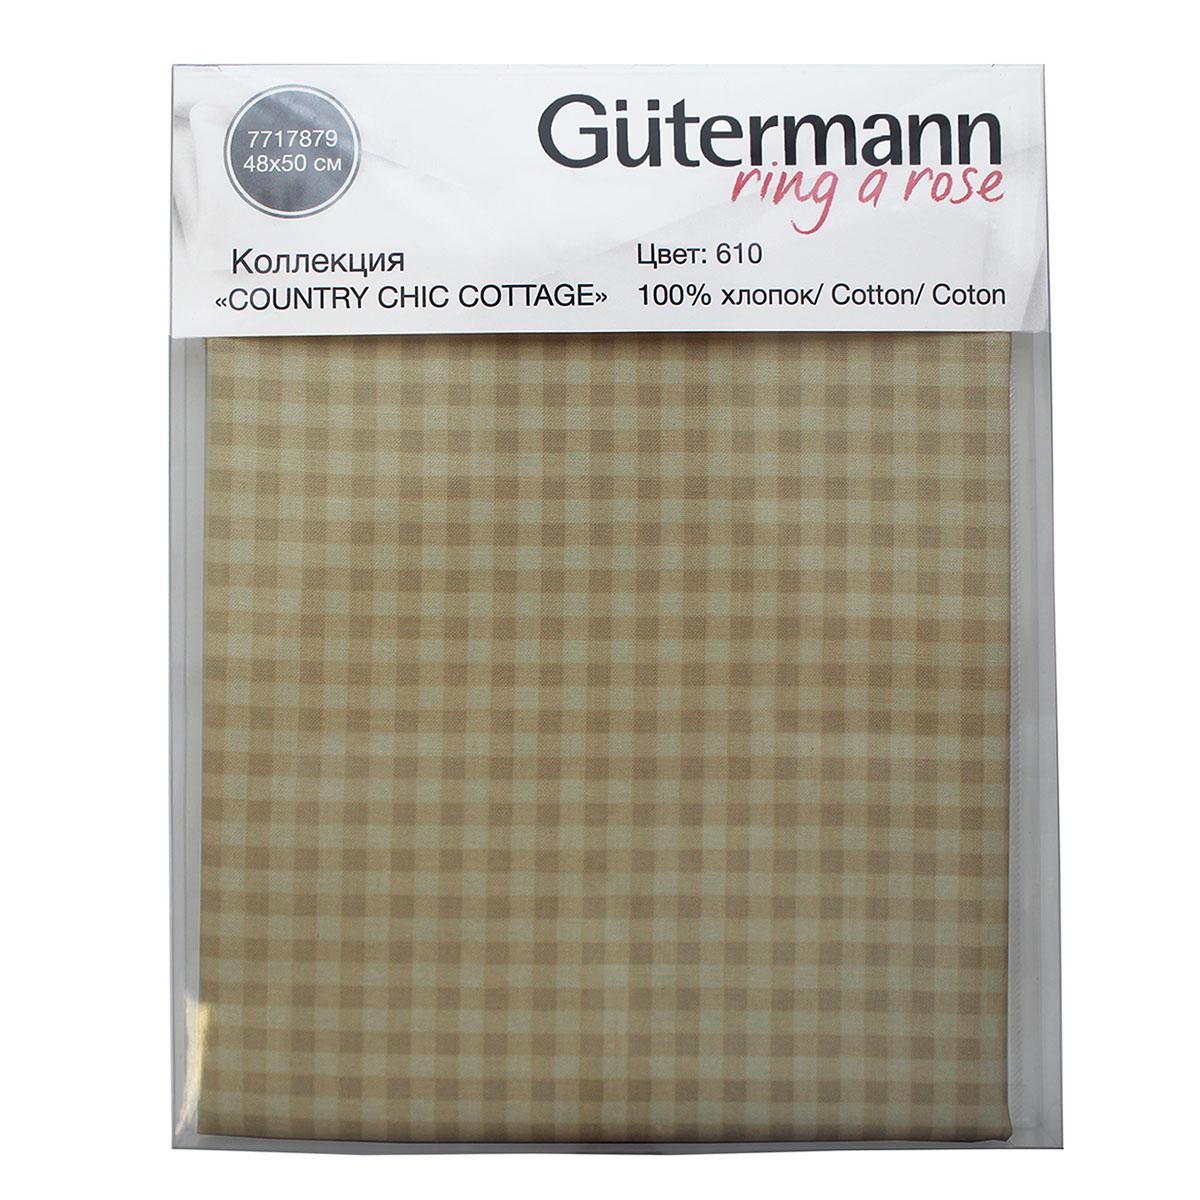 649368 Ткань коллекция 'Country Chic Cottage', 48х50см, 100% хлопок Гутерманн